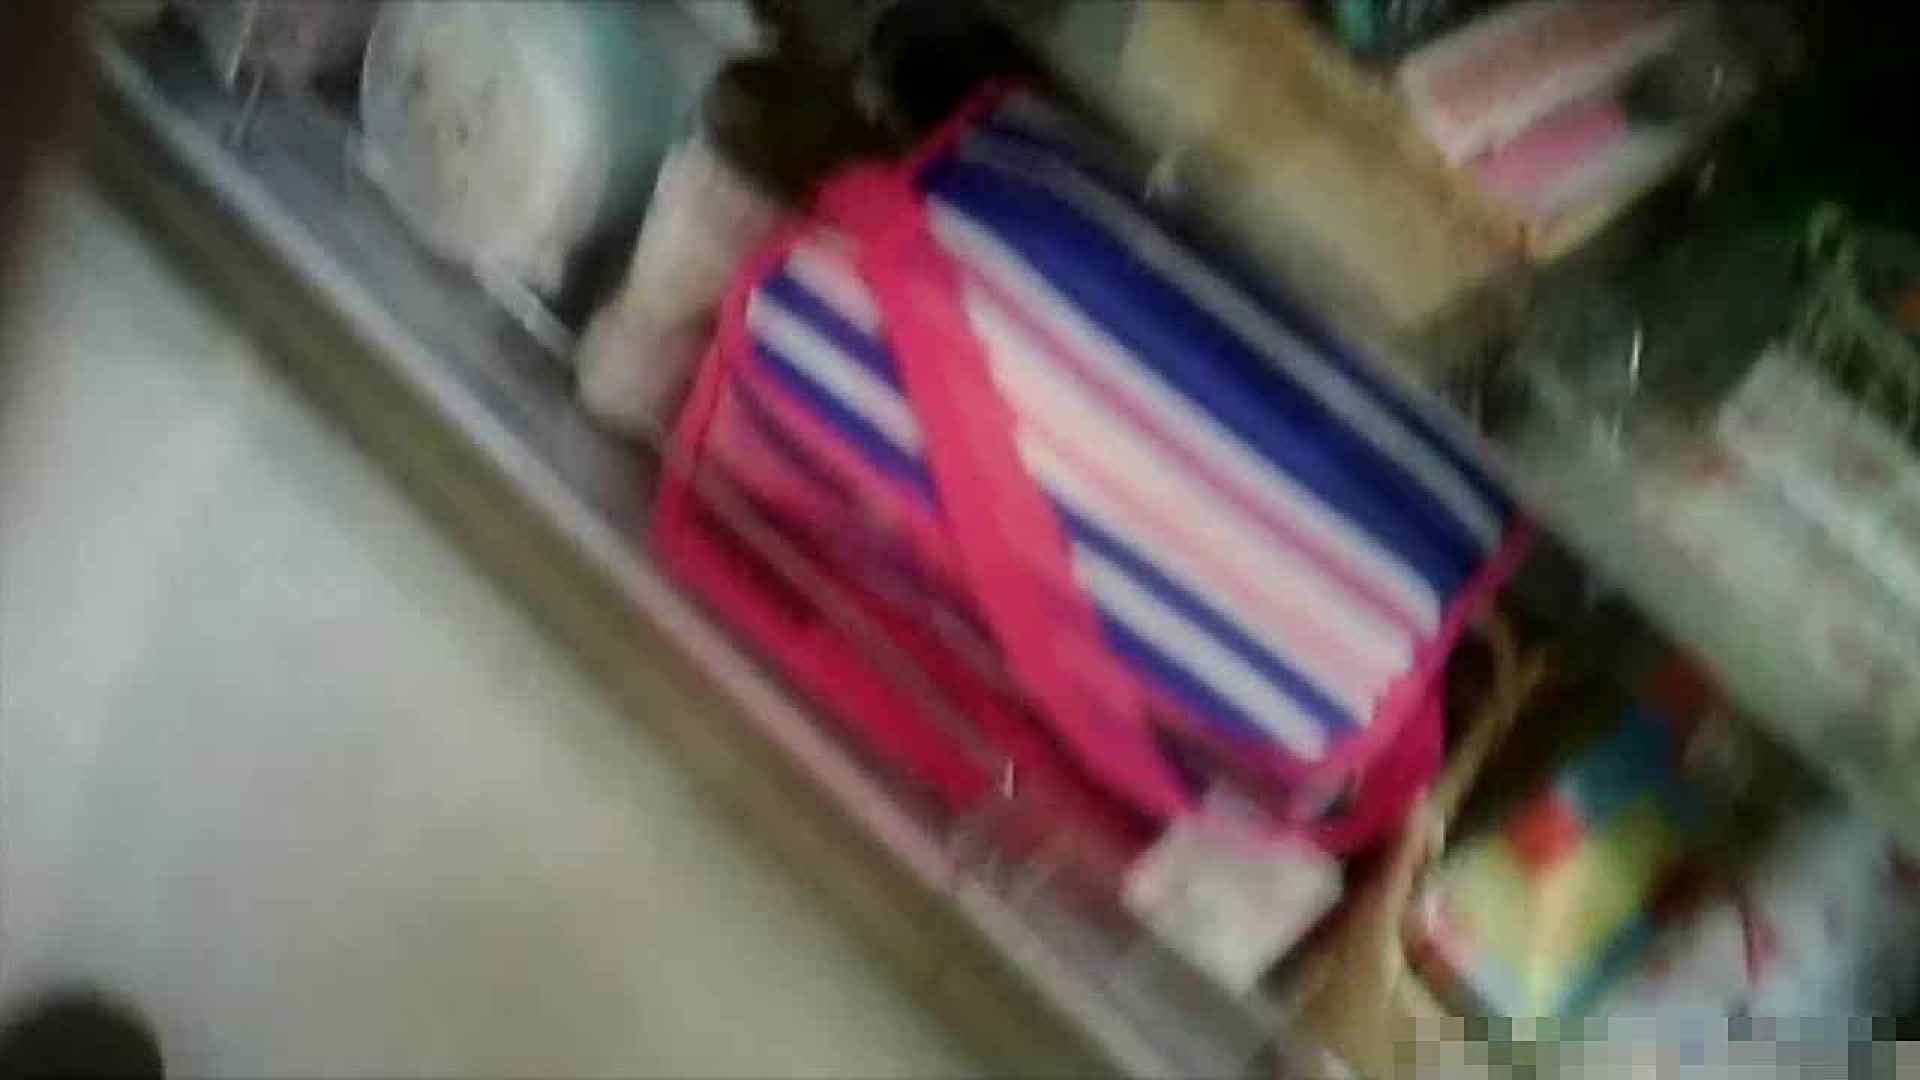 NO.5 意外に豊満な胸の雑貨屋で物色中のお女市さん 胸チラ  66PIX 46